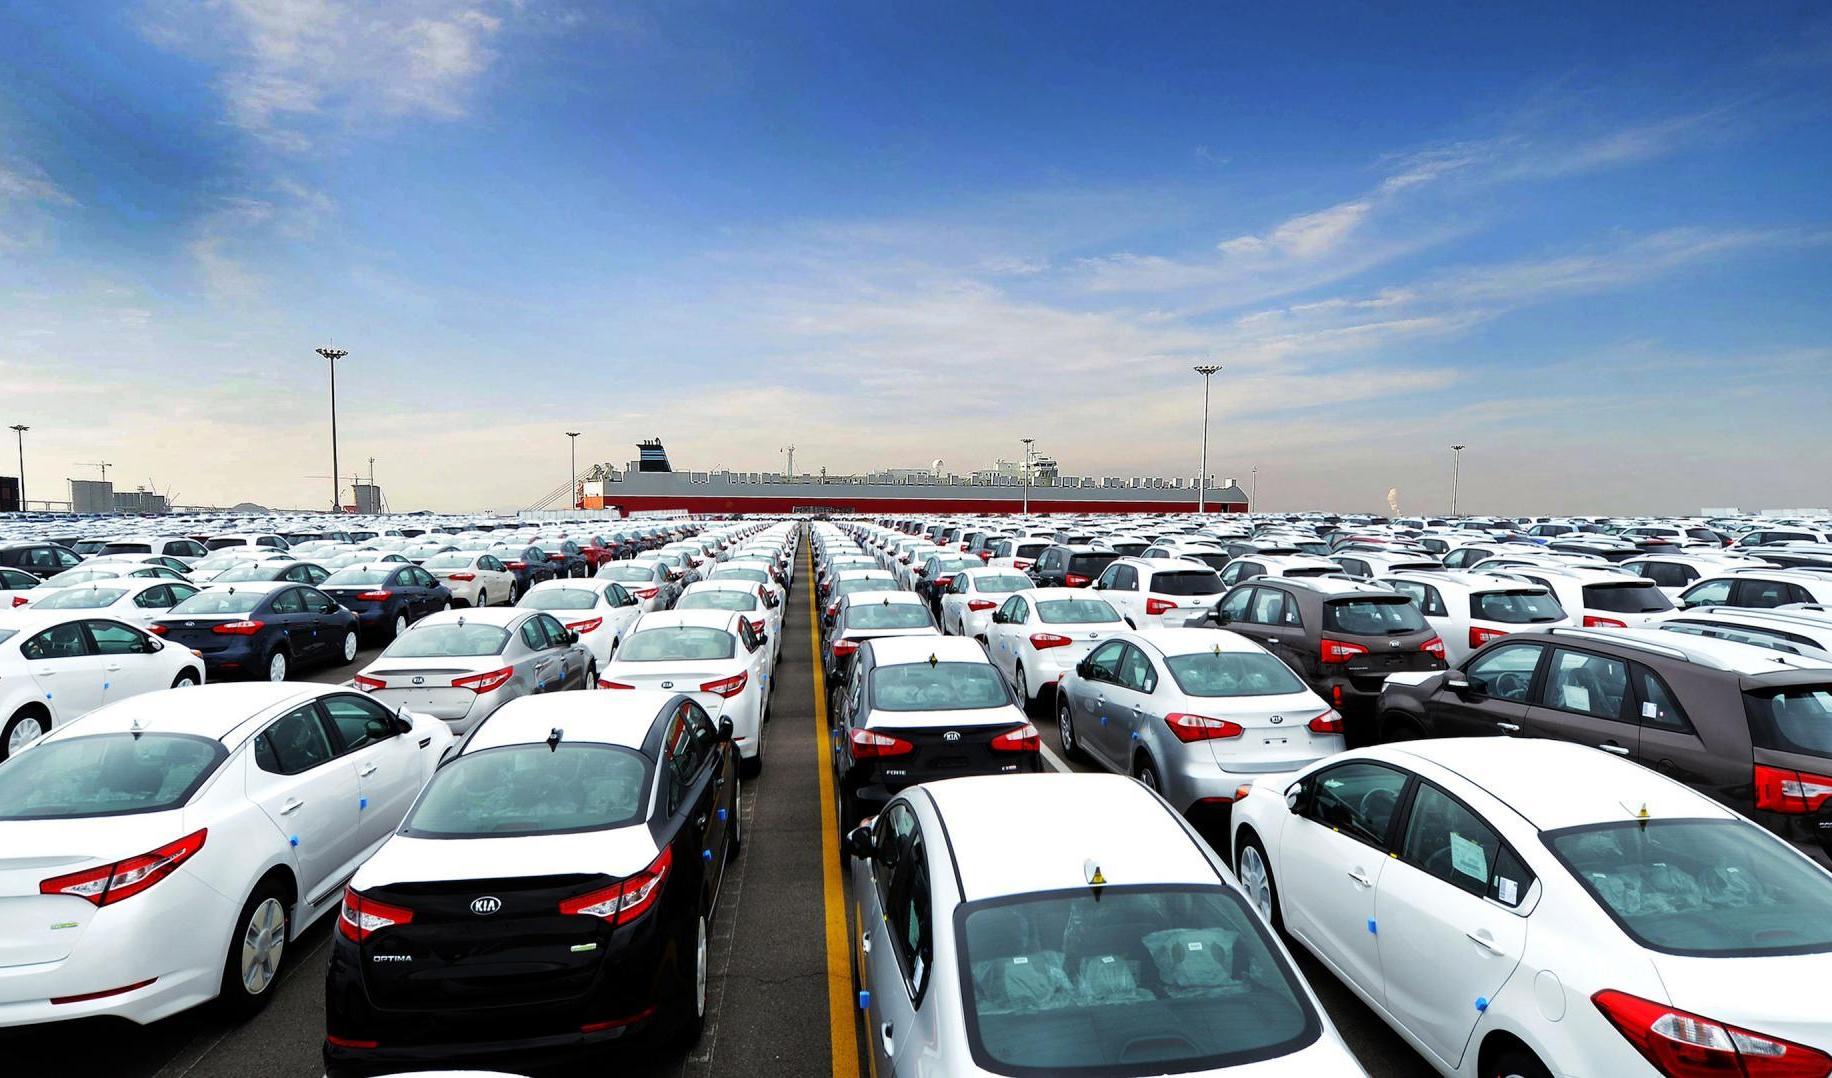 طرح واردات خودرو خارجی به معنی آزادسازی بی قید و شرط واردات نیست